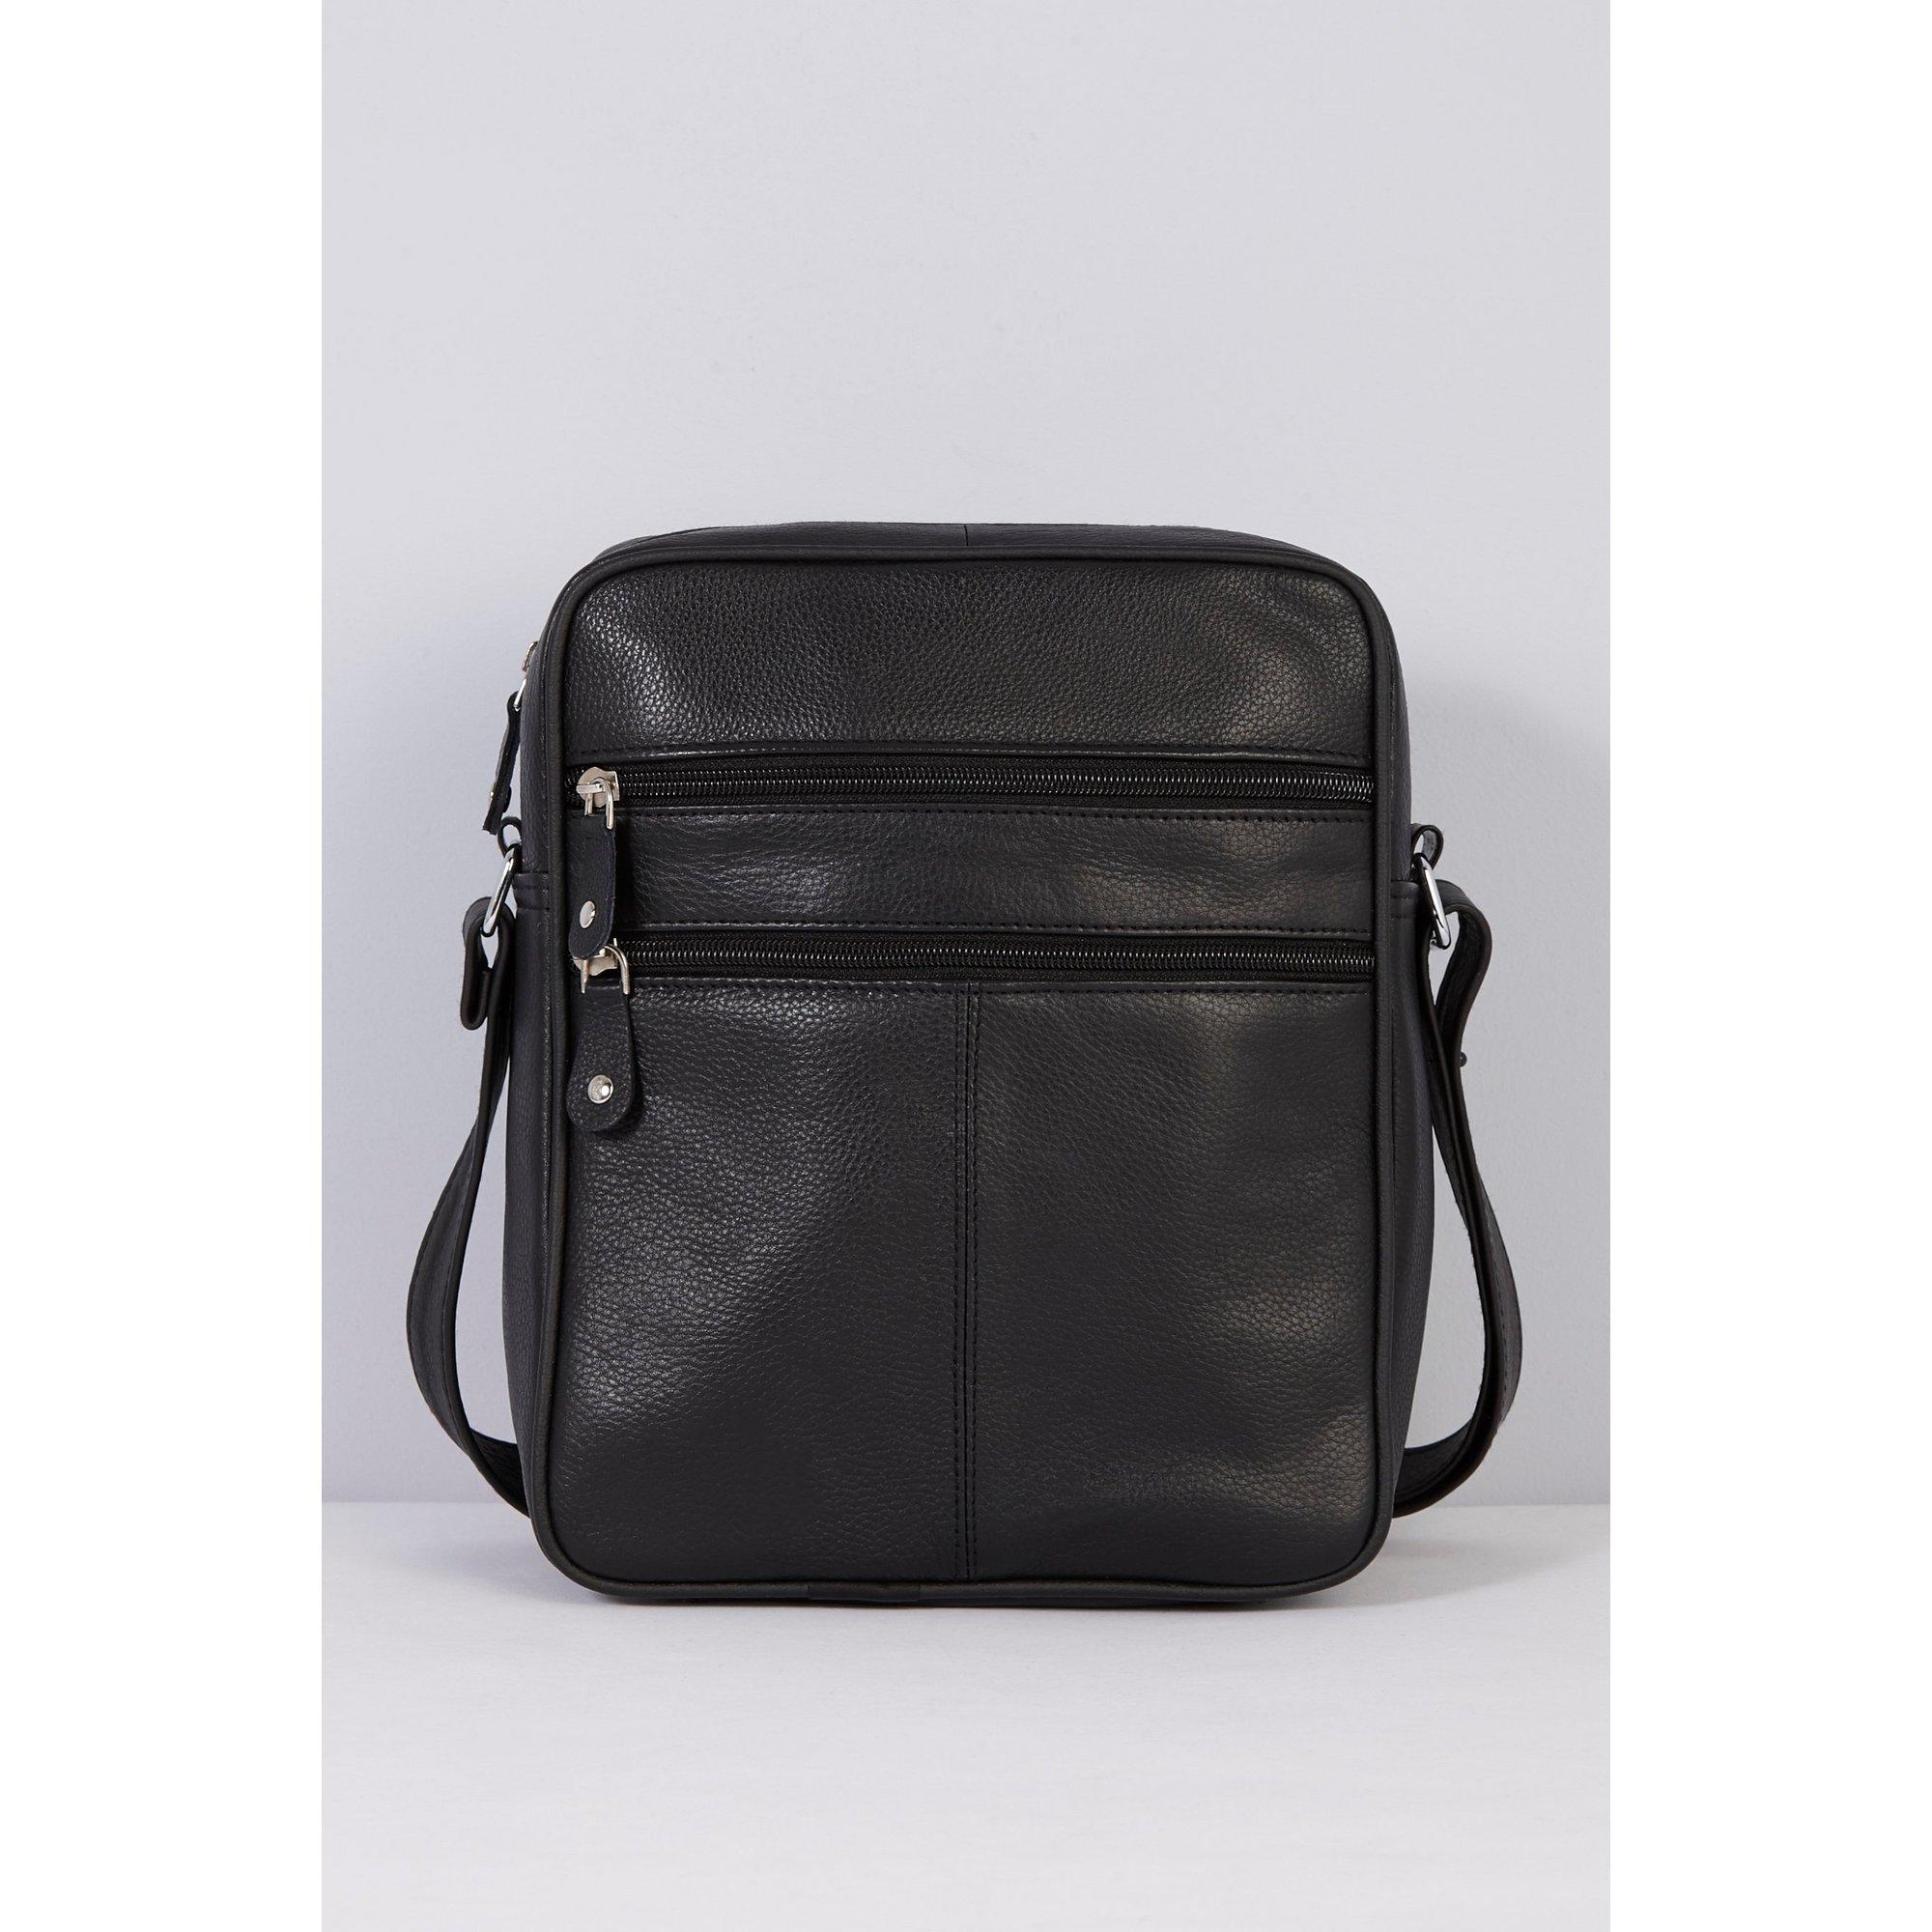 Image of Firelog Black Leather Shoulder Bag